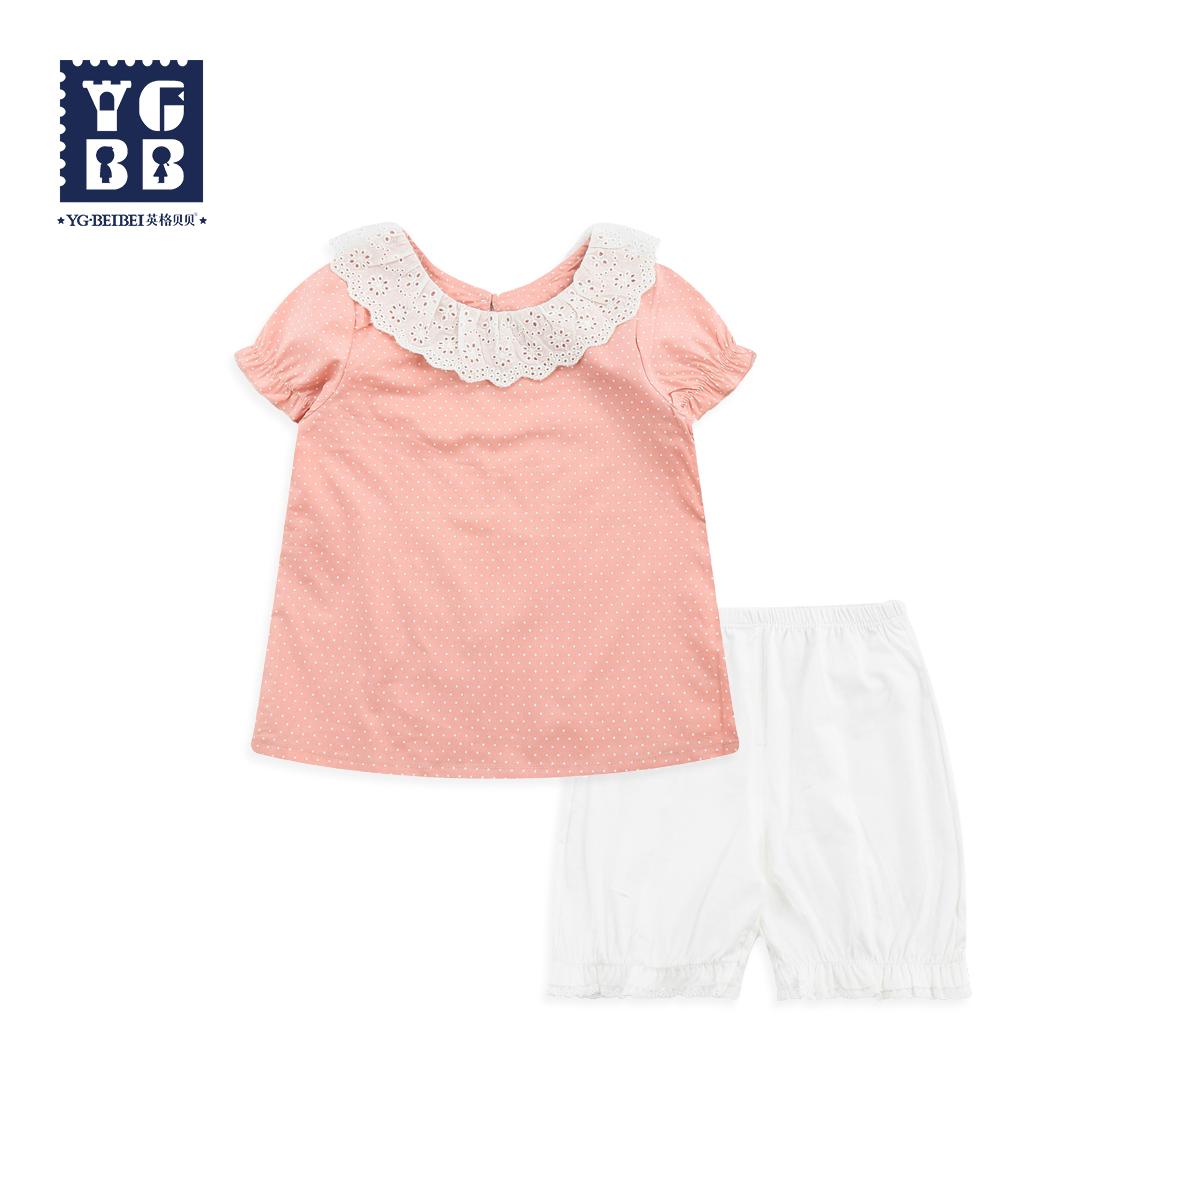 英格贝贝女童洋气夏装纯棉潮衣女宝宝套装夏季婴幼儿外出服两件套